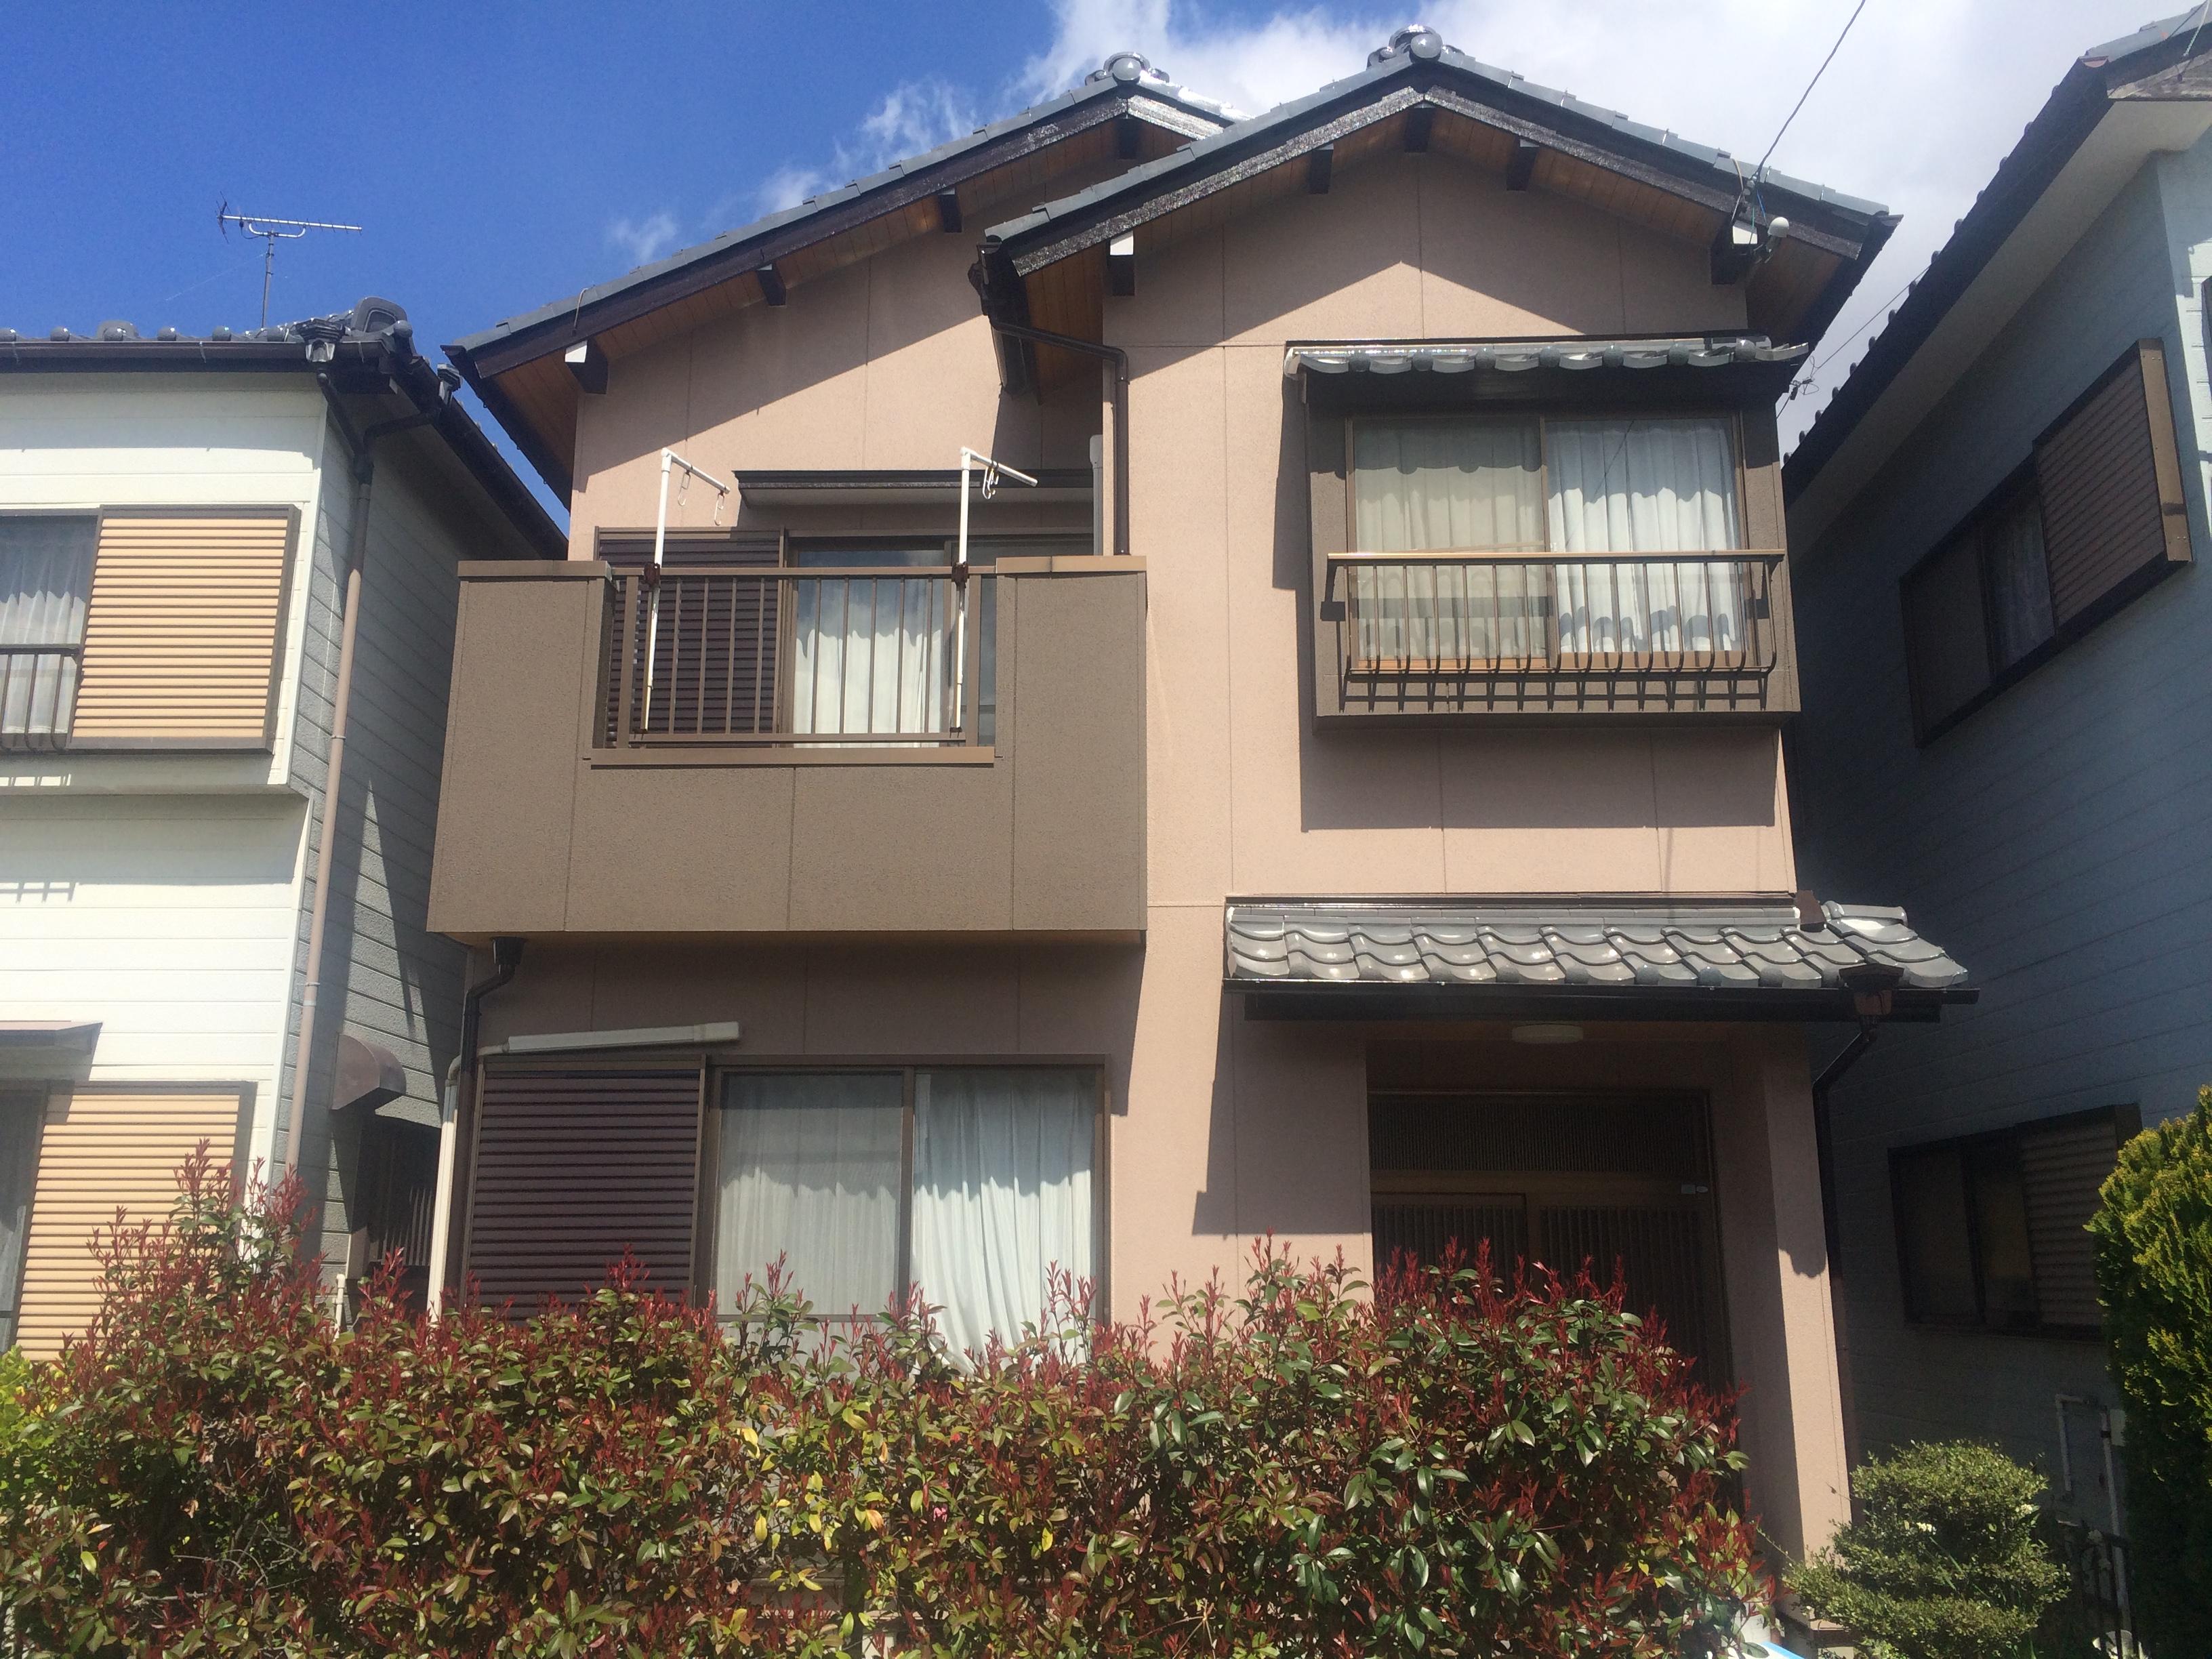 稲沢市 Y様邸、外壁塗装工事をご紹介させていただきます。 築20年で雨漏れしたことから塗装工事を検...